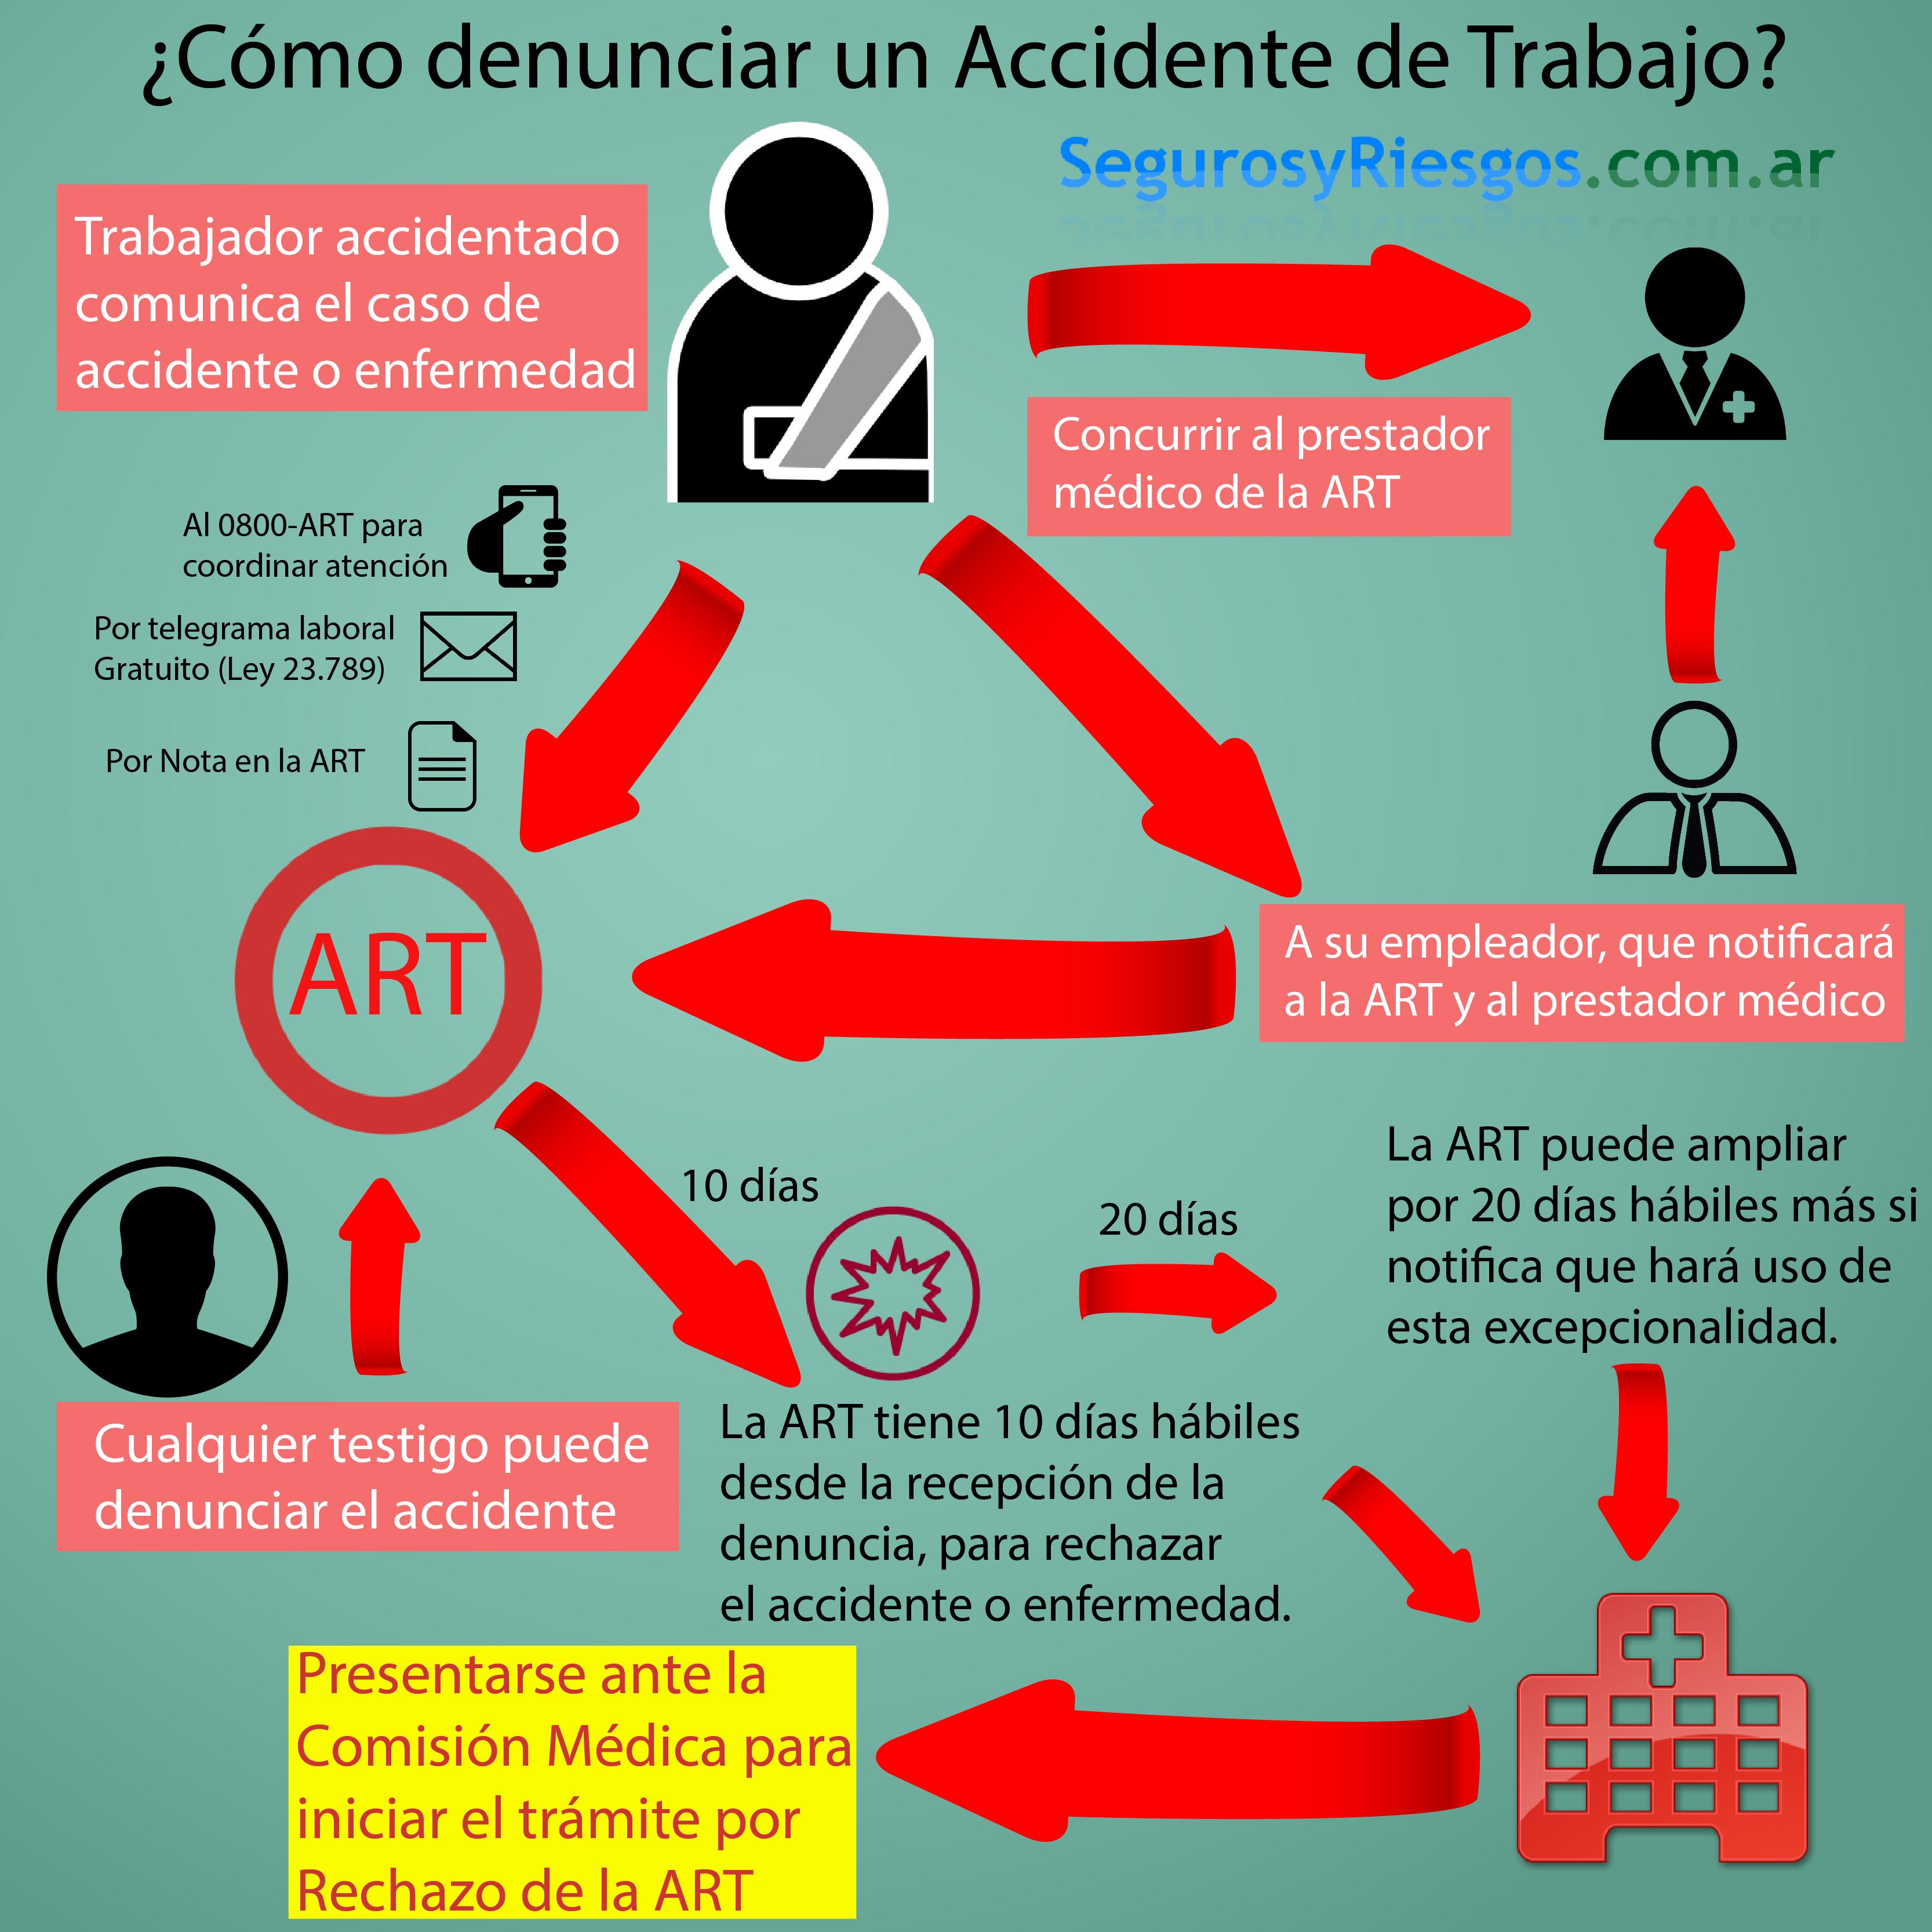 Accidente de Trabajo ¿Qué debo hacer? | SegurosyRiesgos.com.ar